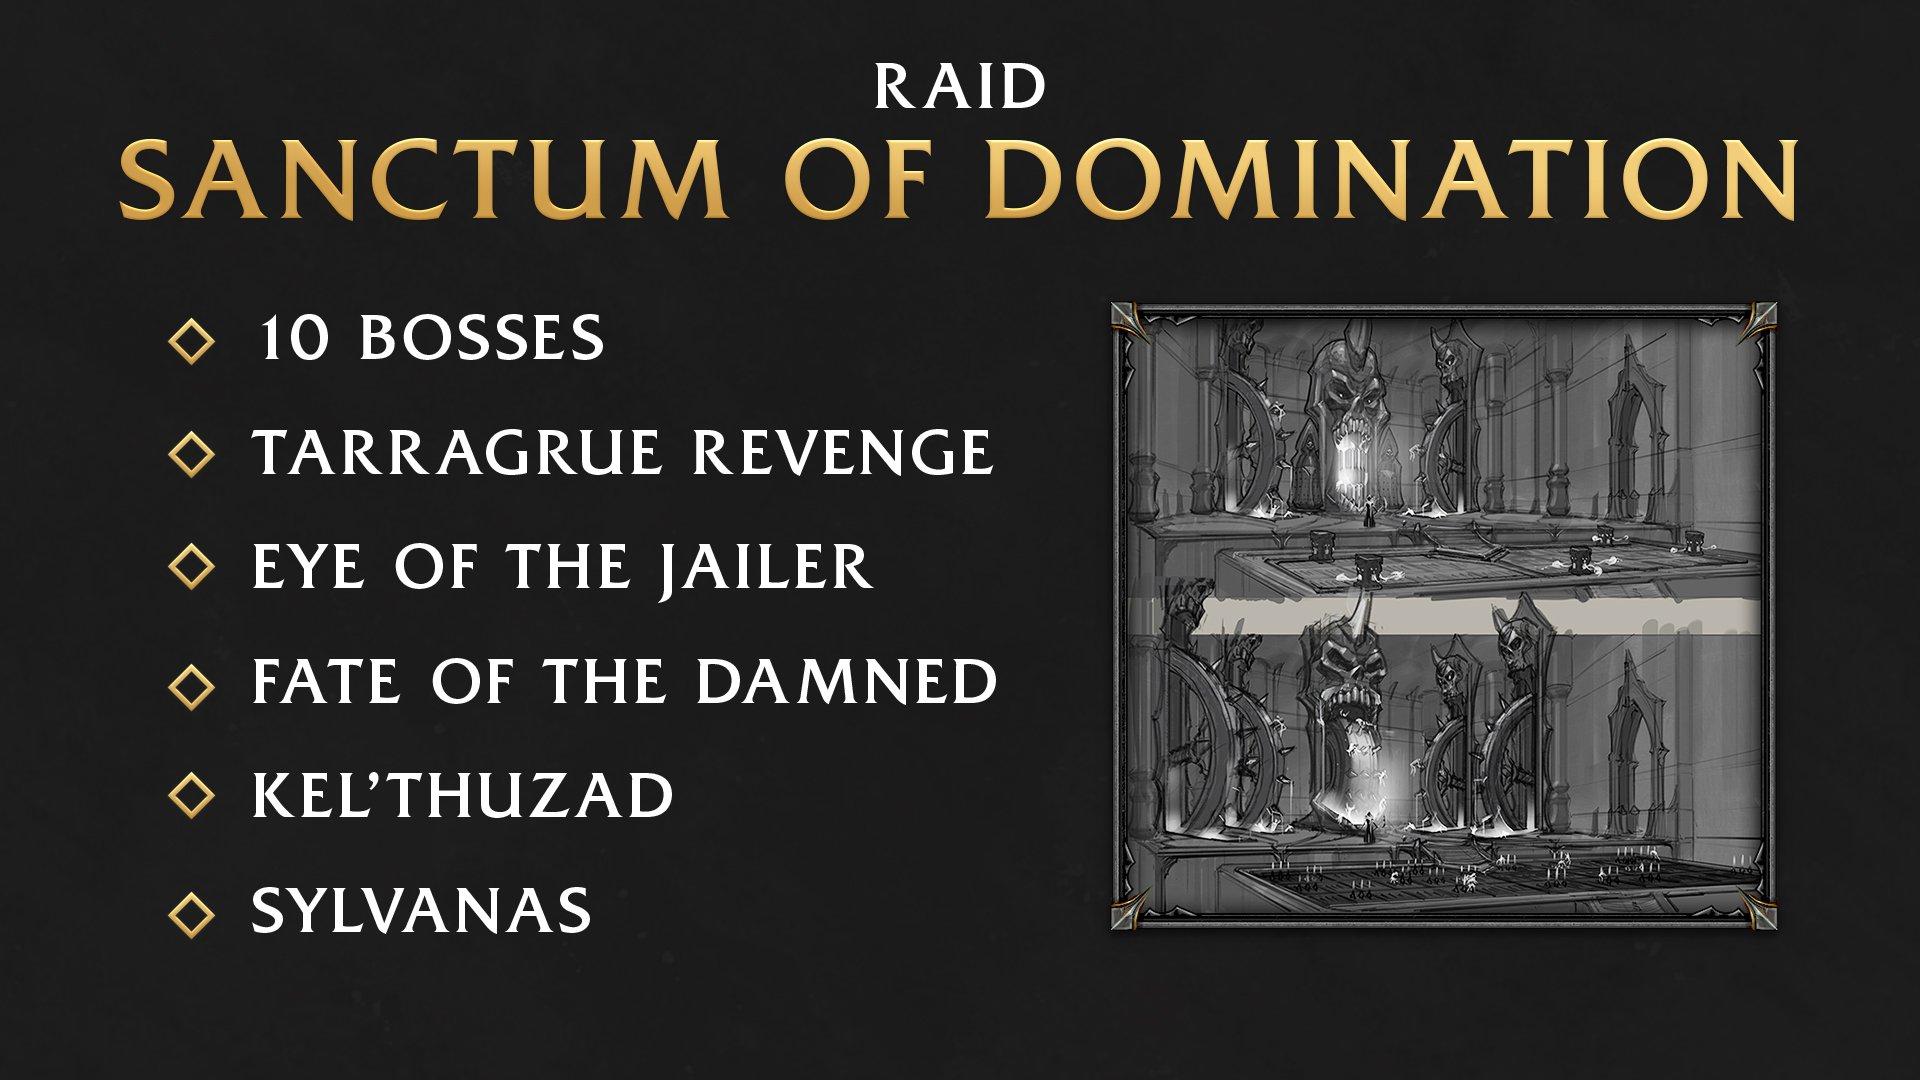 Raid Sanctum of domination